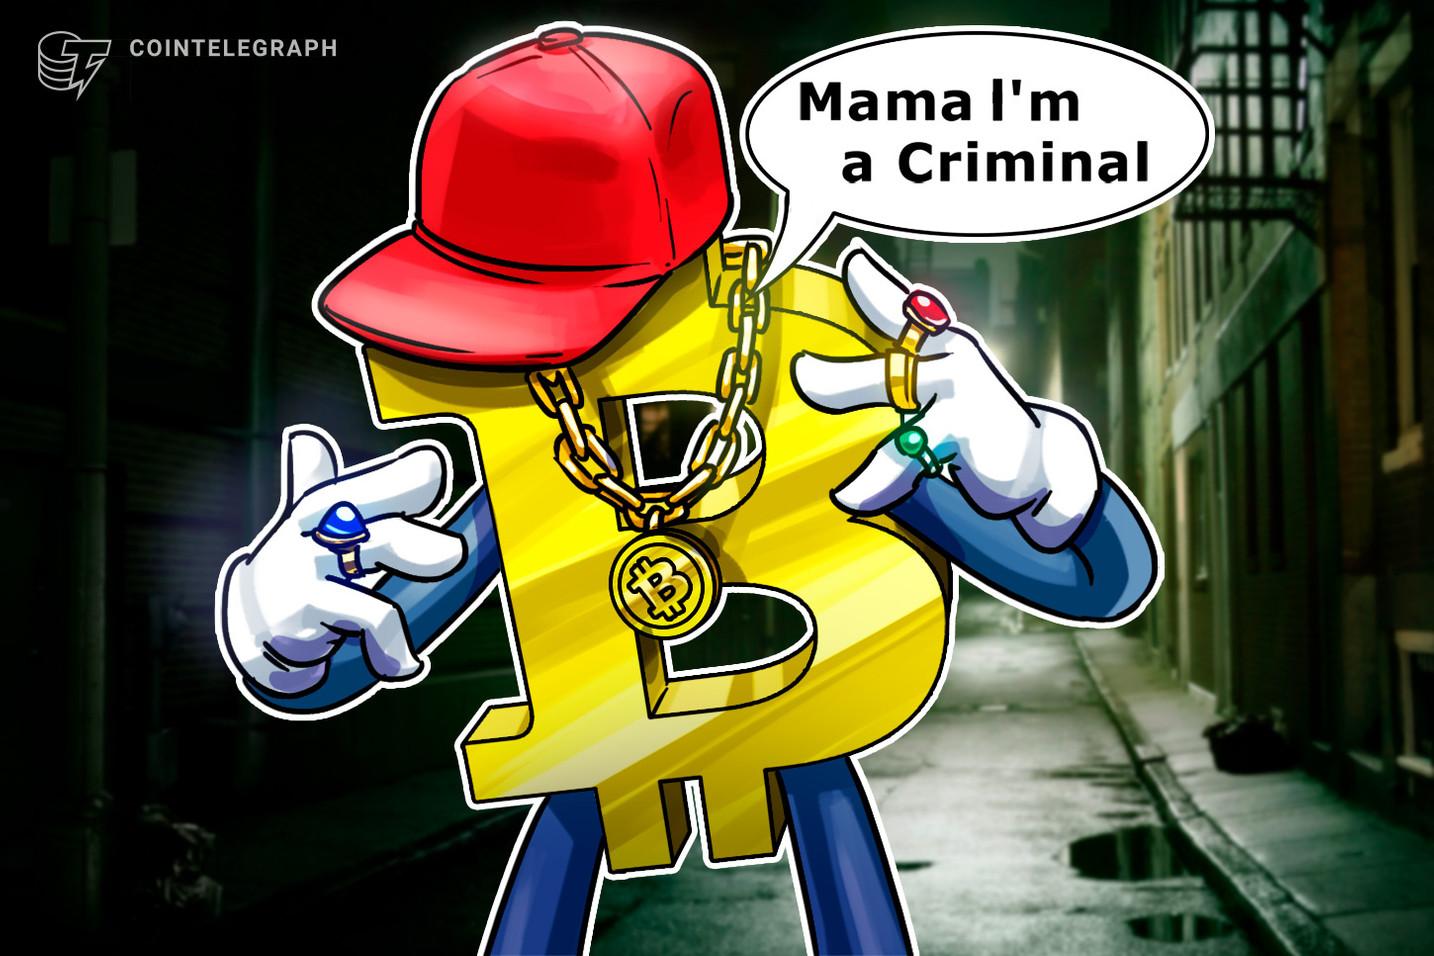 仮想通貨犯罪の95%はビットコインがらみ、米調査